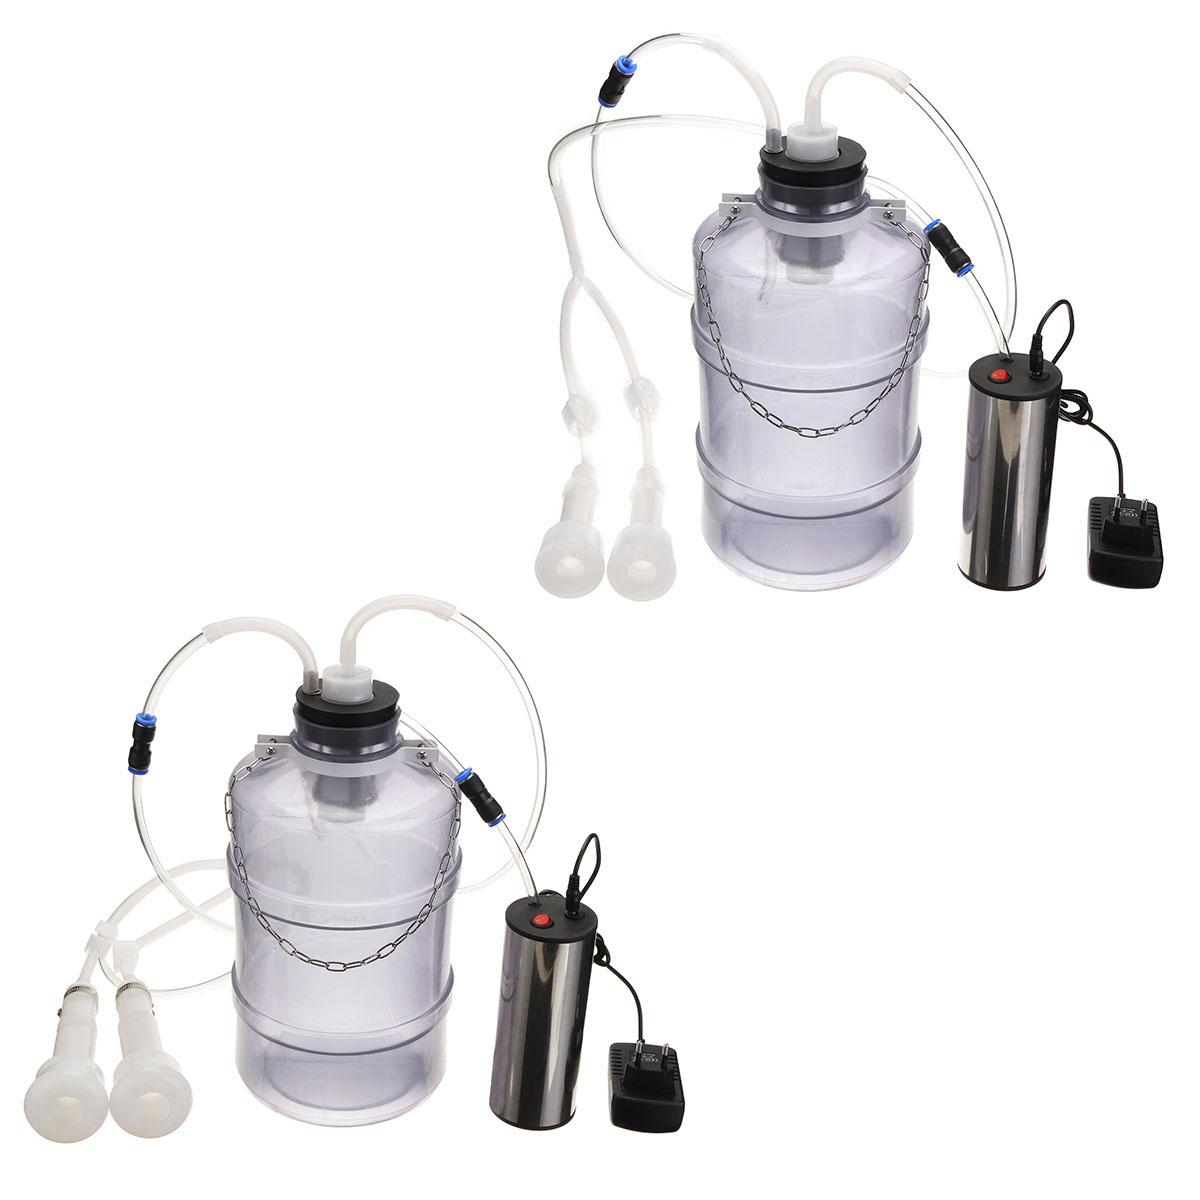 Электрический доильный аппарат 5L для коров / коз / овец электрический доильный утолщающий бак с двумя головками - фото 1